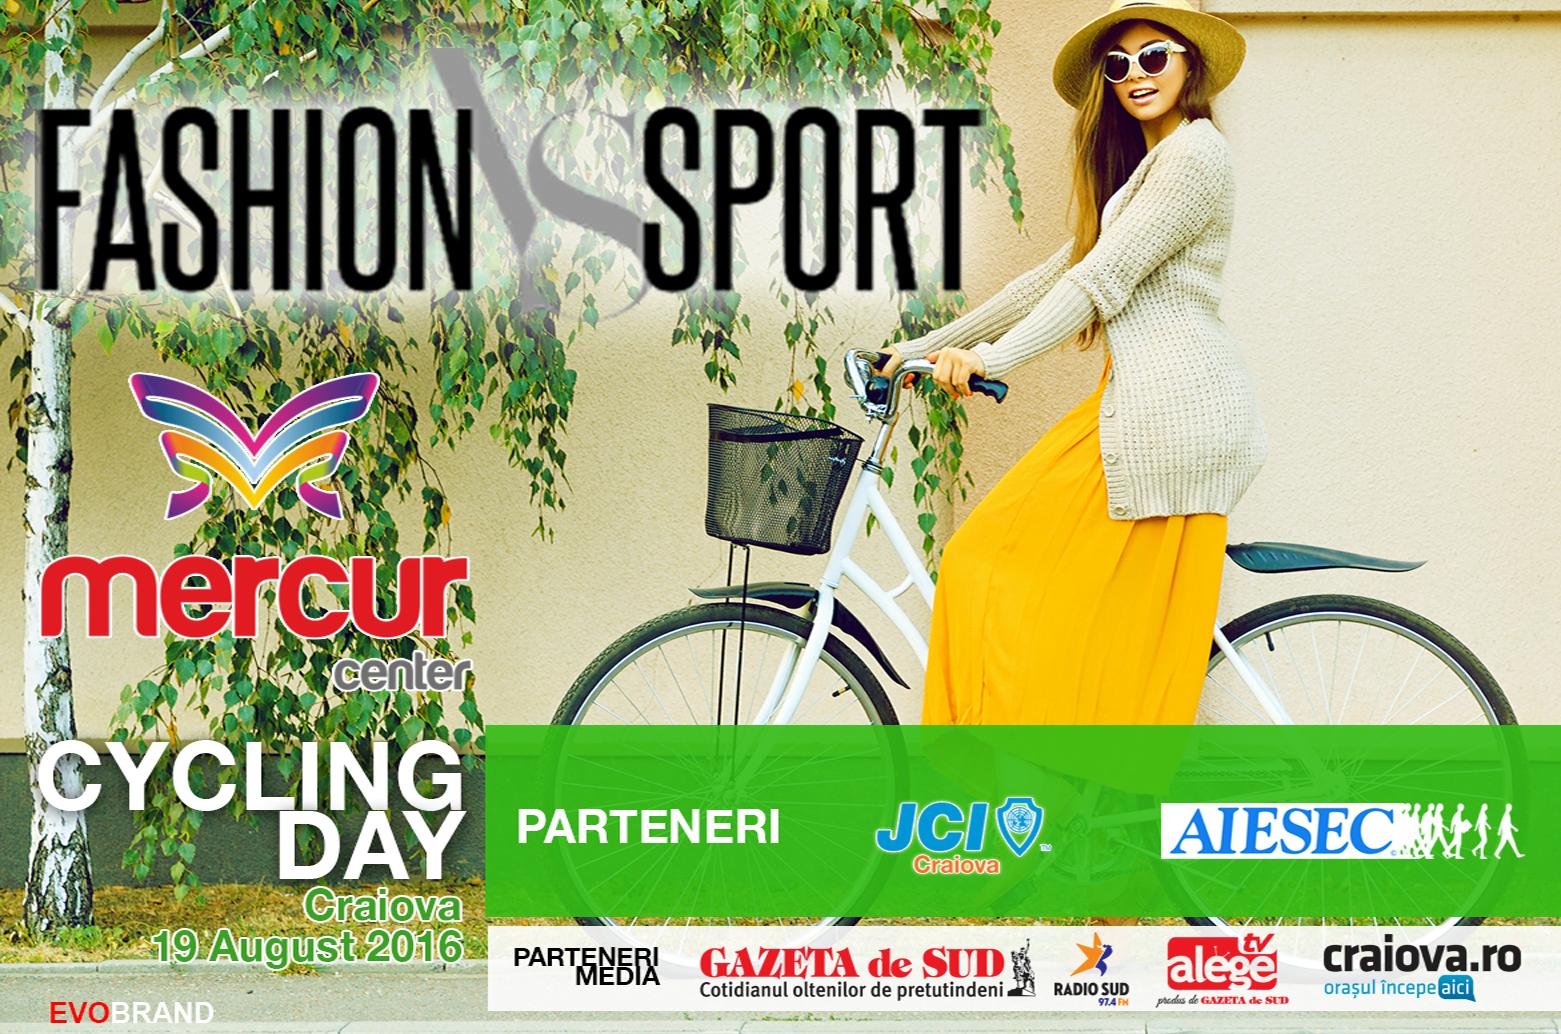 Mercur Center, AIESEC Craiova și JCI Craiova vă invită la Fashion vs Sport!